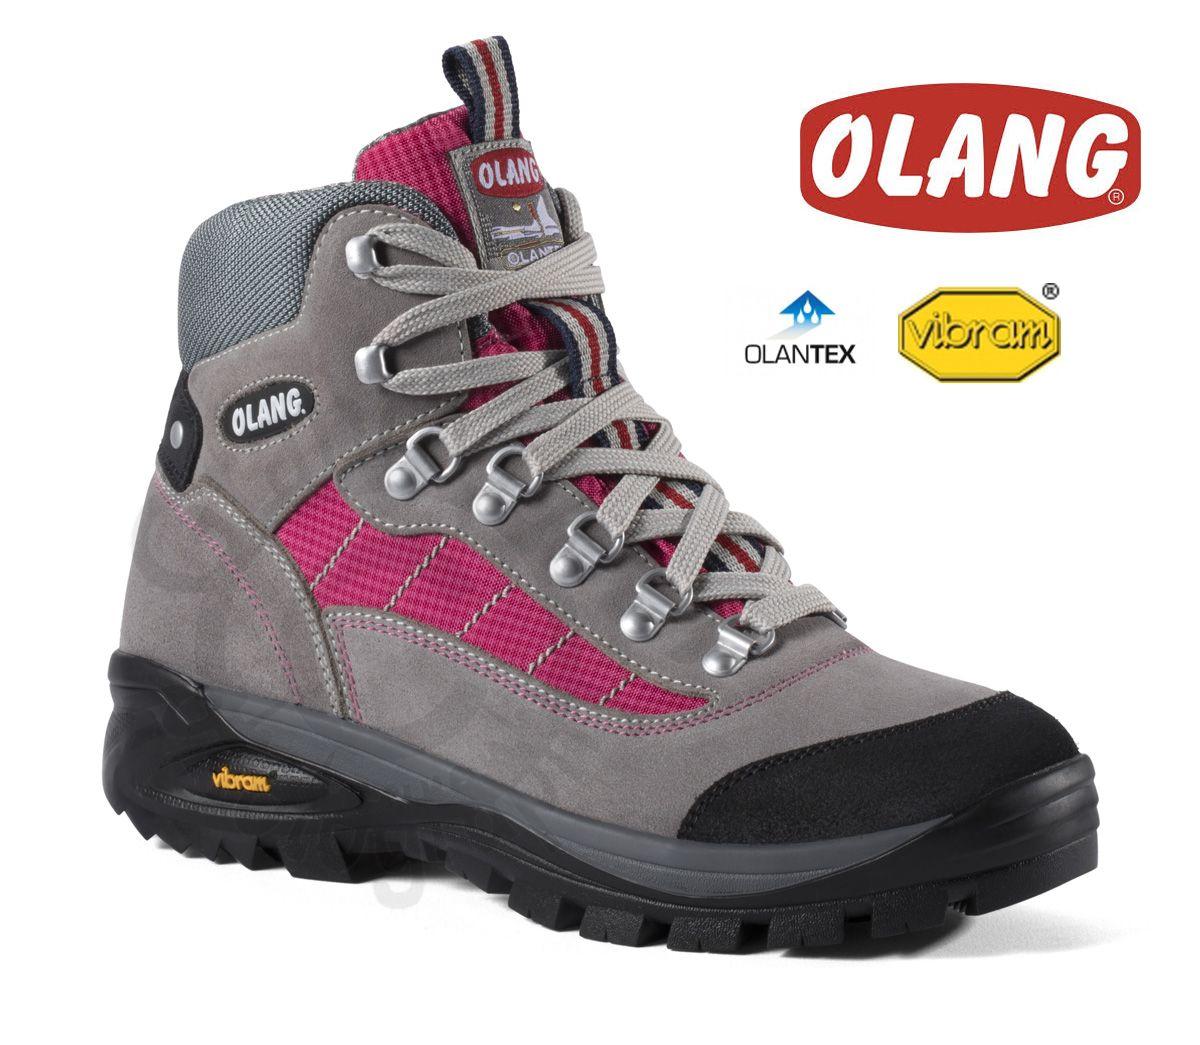 Tazz-Sport - Olang Tarvisio Fuxia treková obuv